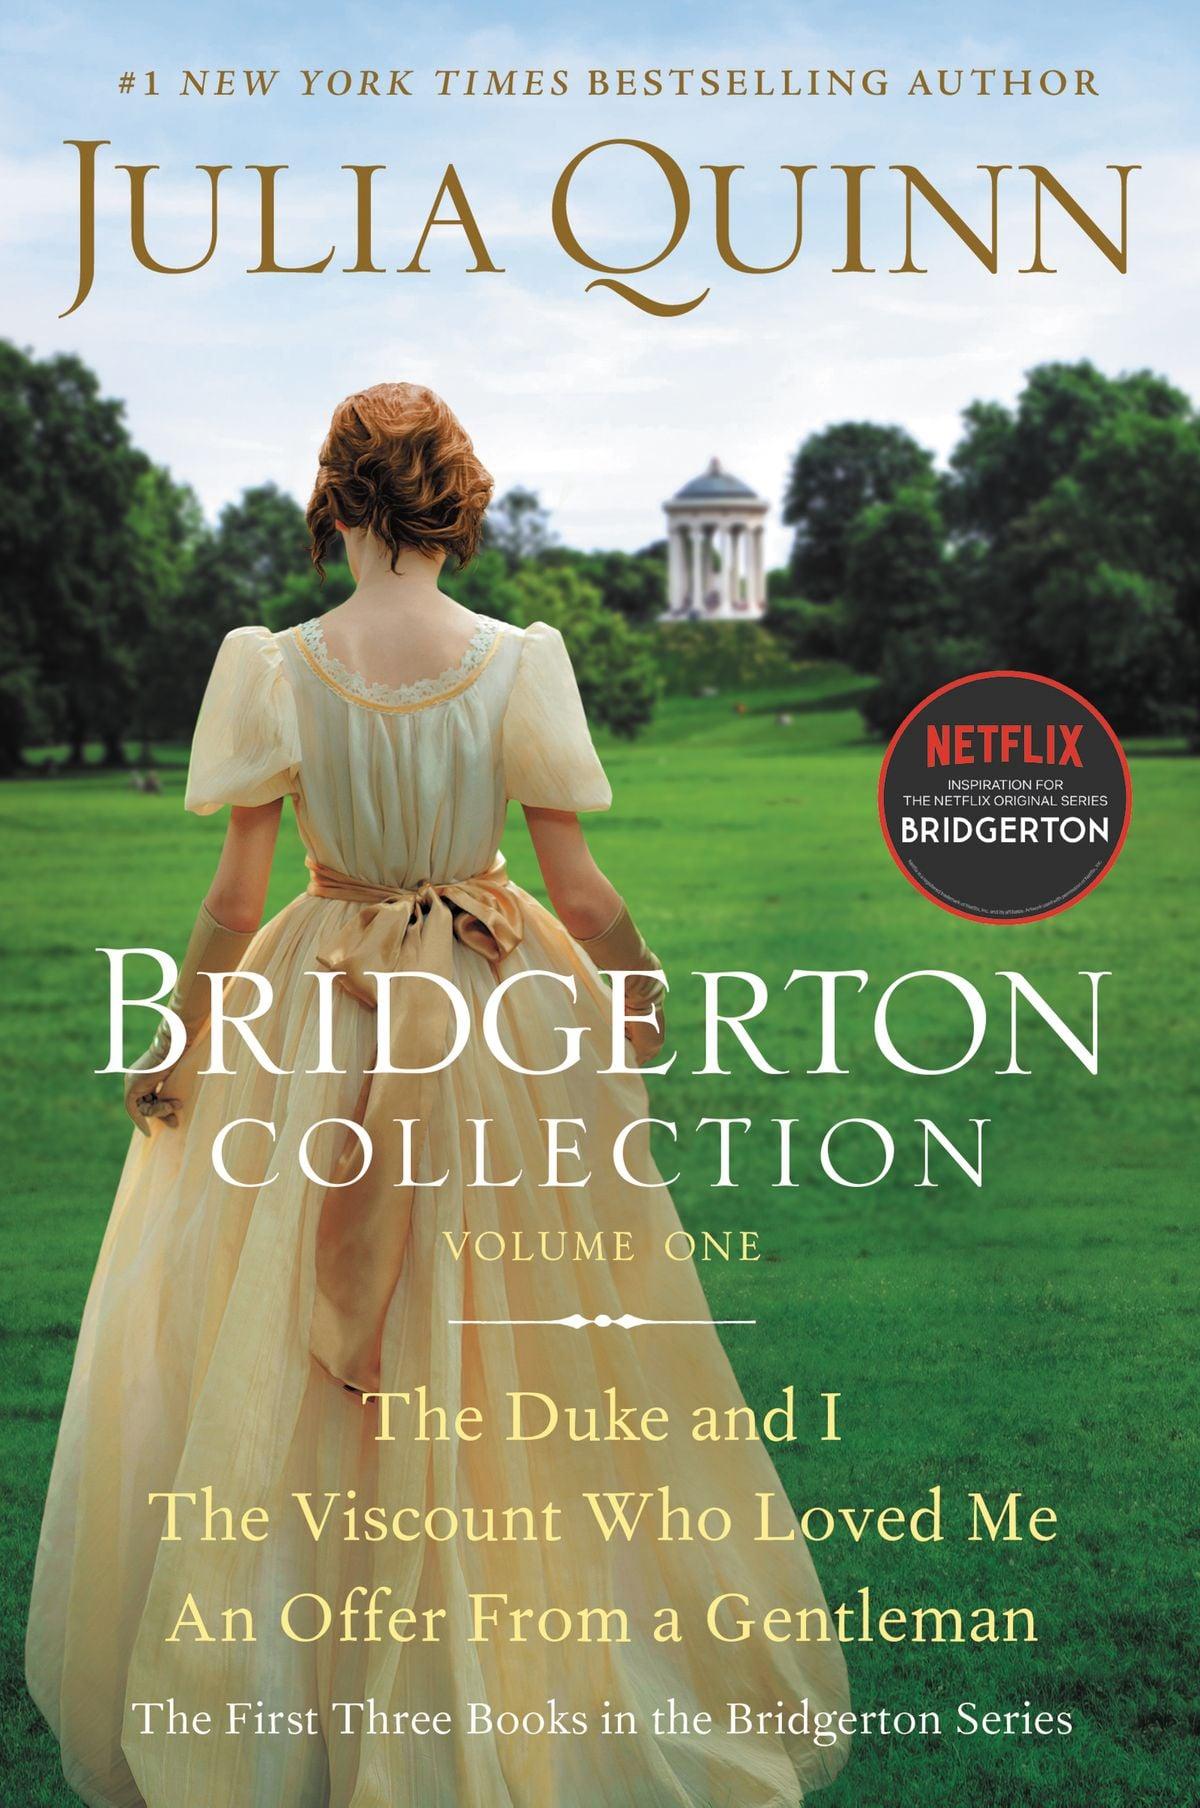 what-happens-in-the-bridgerton-books